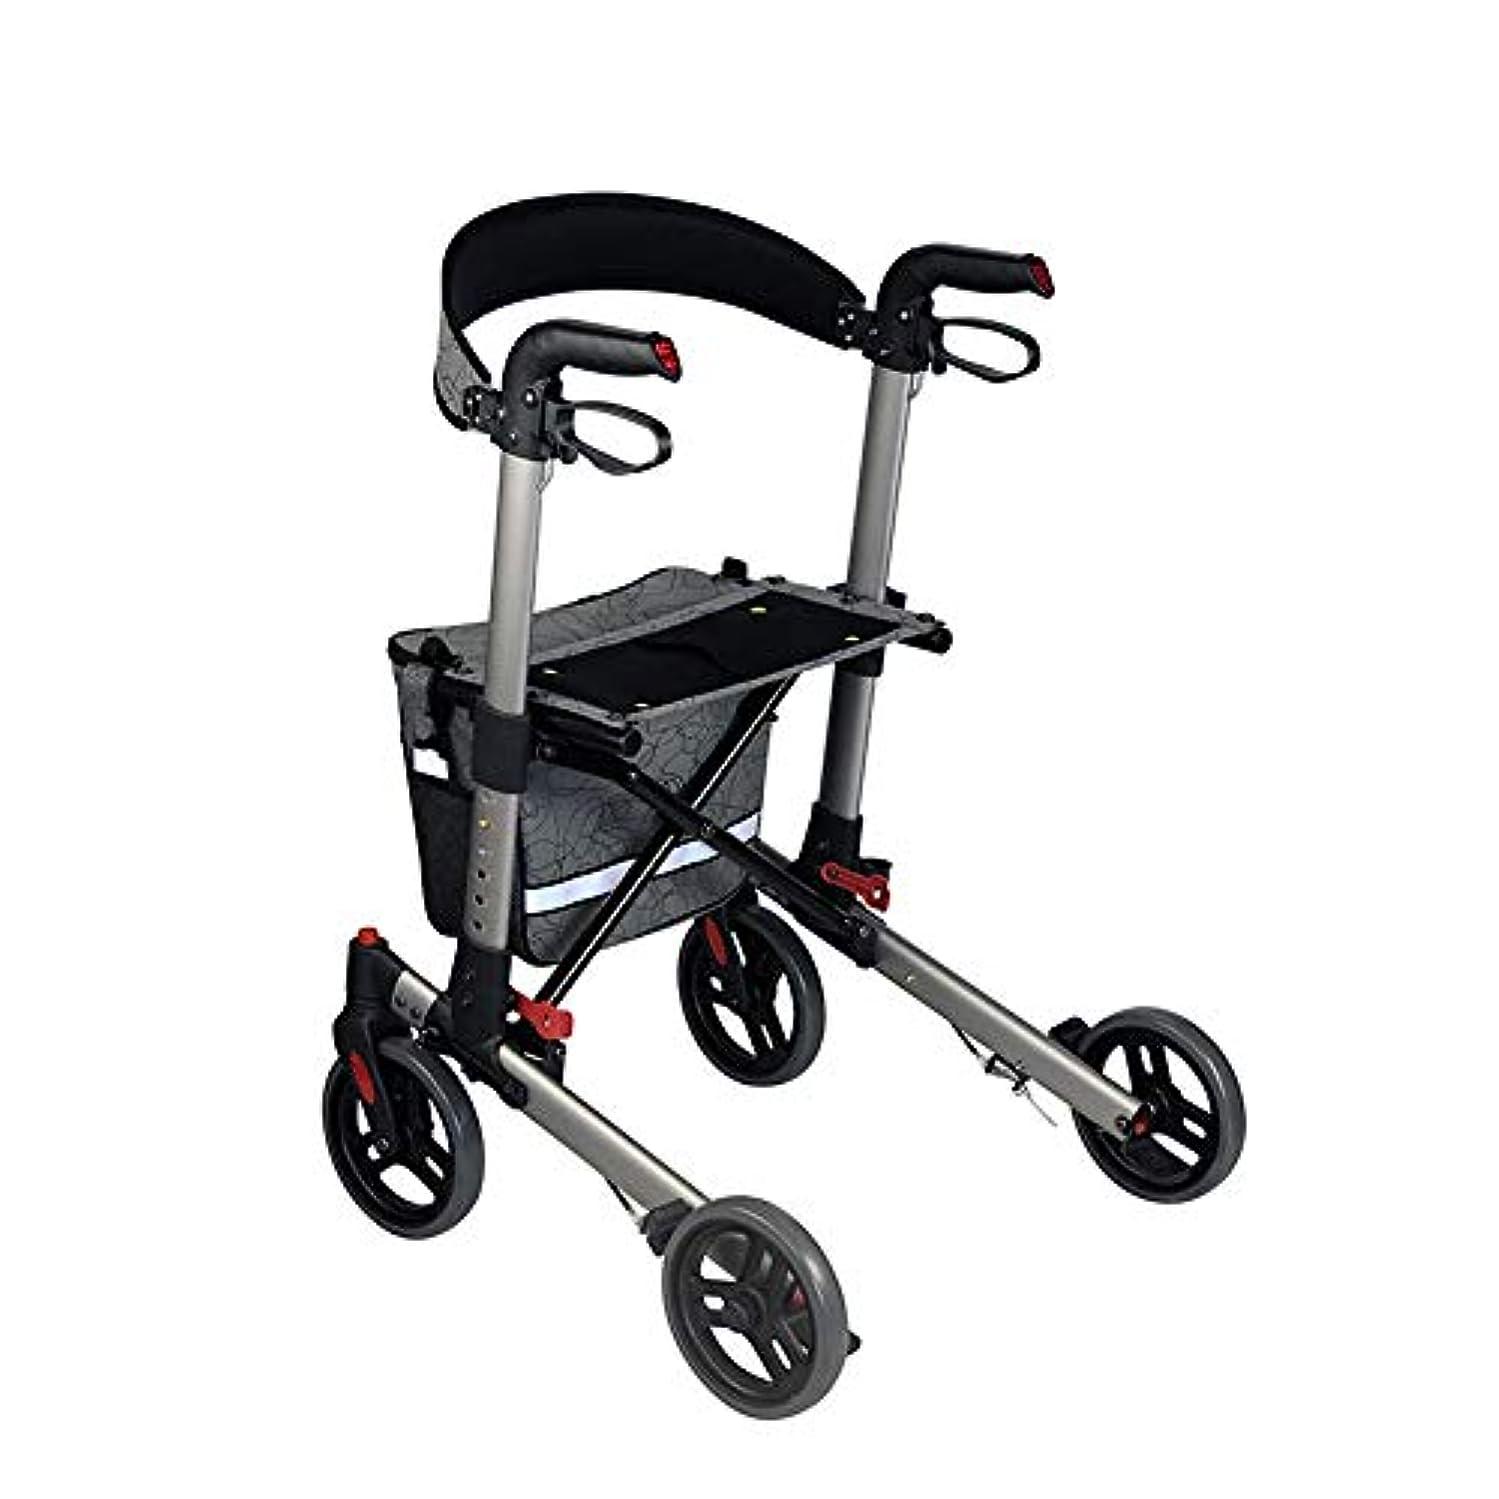 論理的寛大な植物学者軽量折りたたみ式4輪歩行歩行器、老人歩行カートショッピングカート多機能レジャー折りたたみショッピングカート